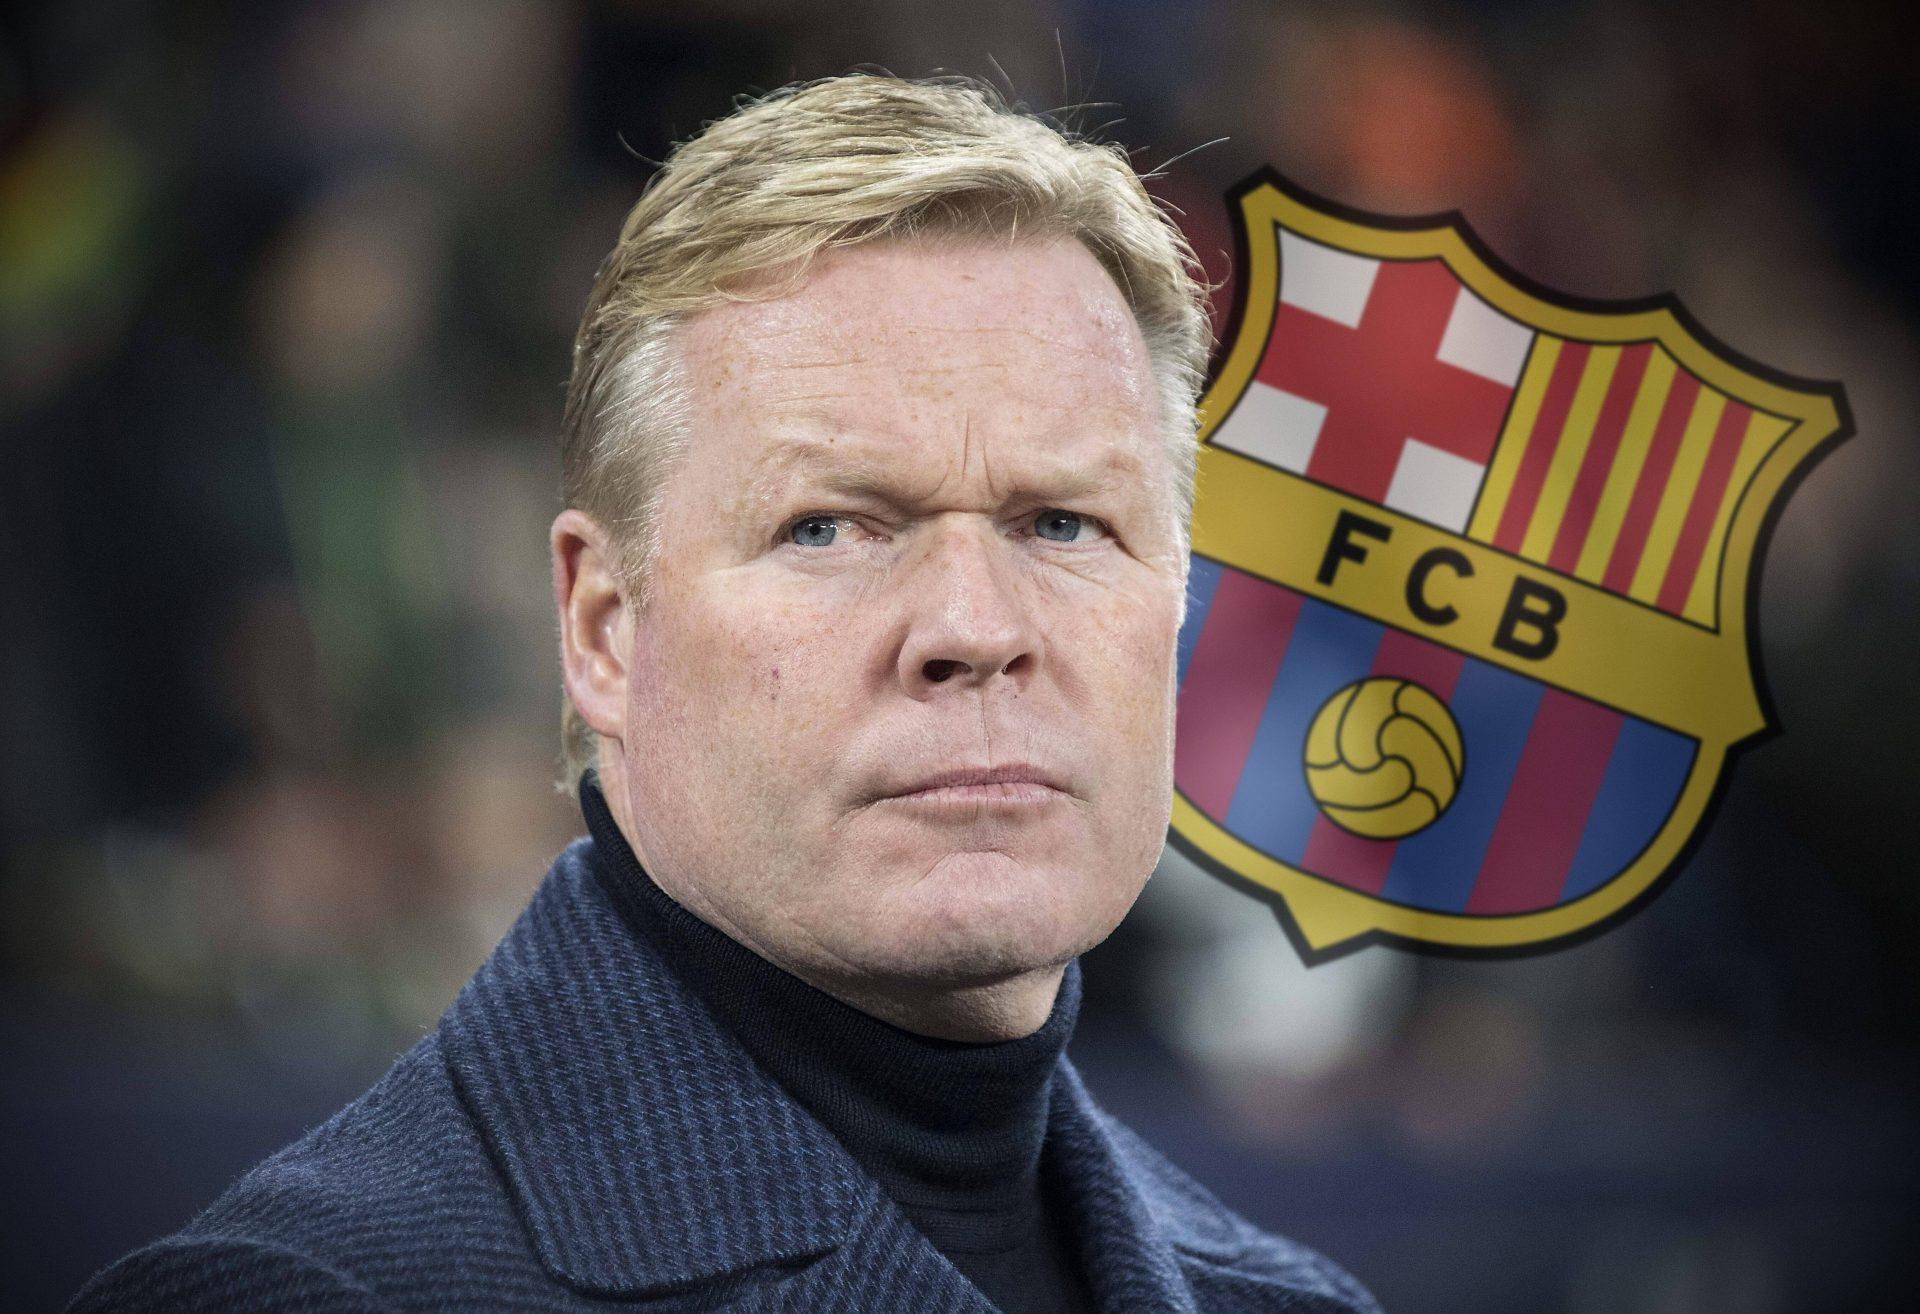 Trotse Ronald Koeman bij Jinek over docu en Barça-droom: 'Nog niet doorgedrongen' - Sportnieuws.nl